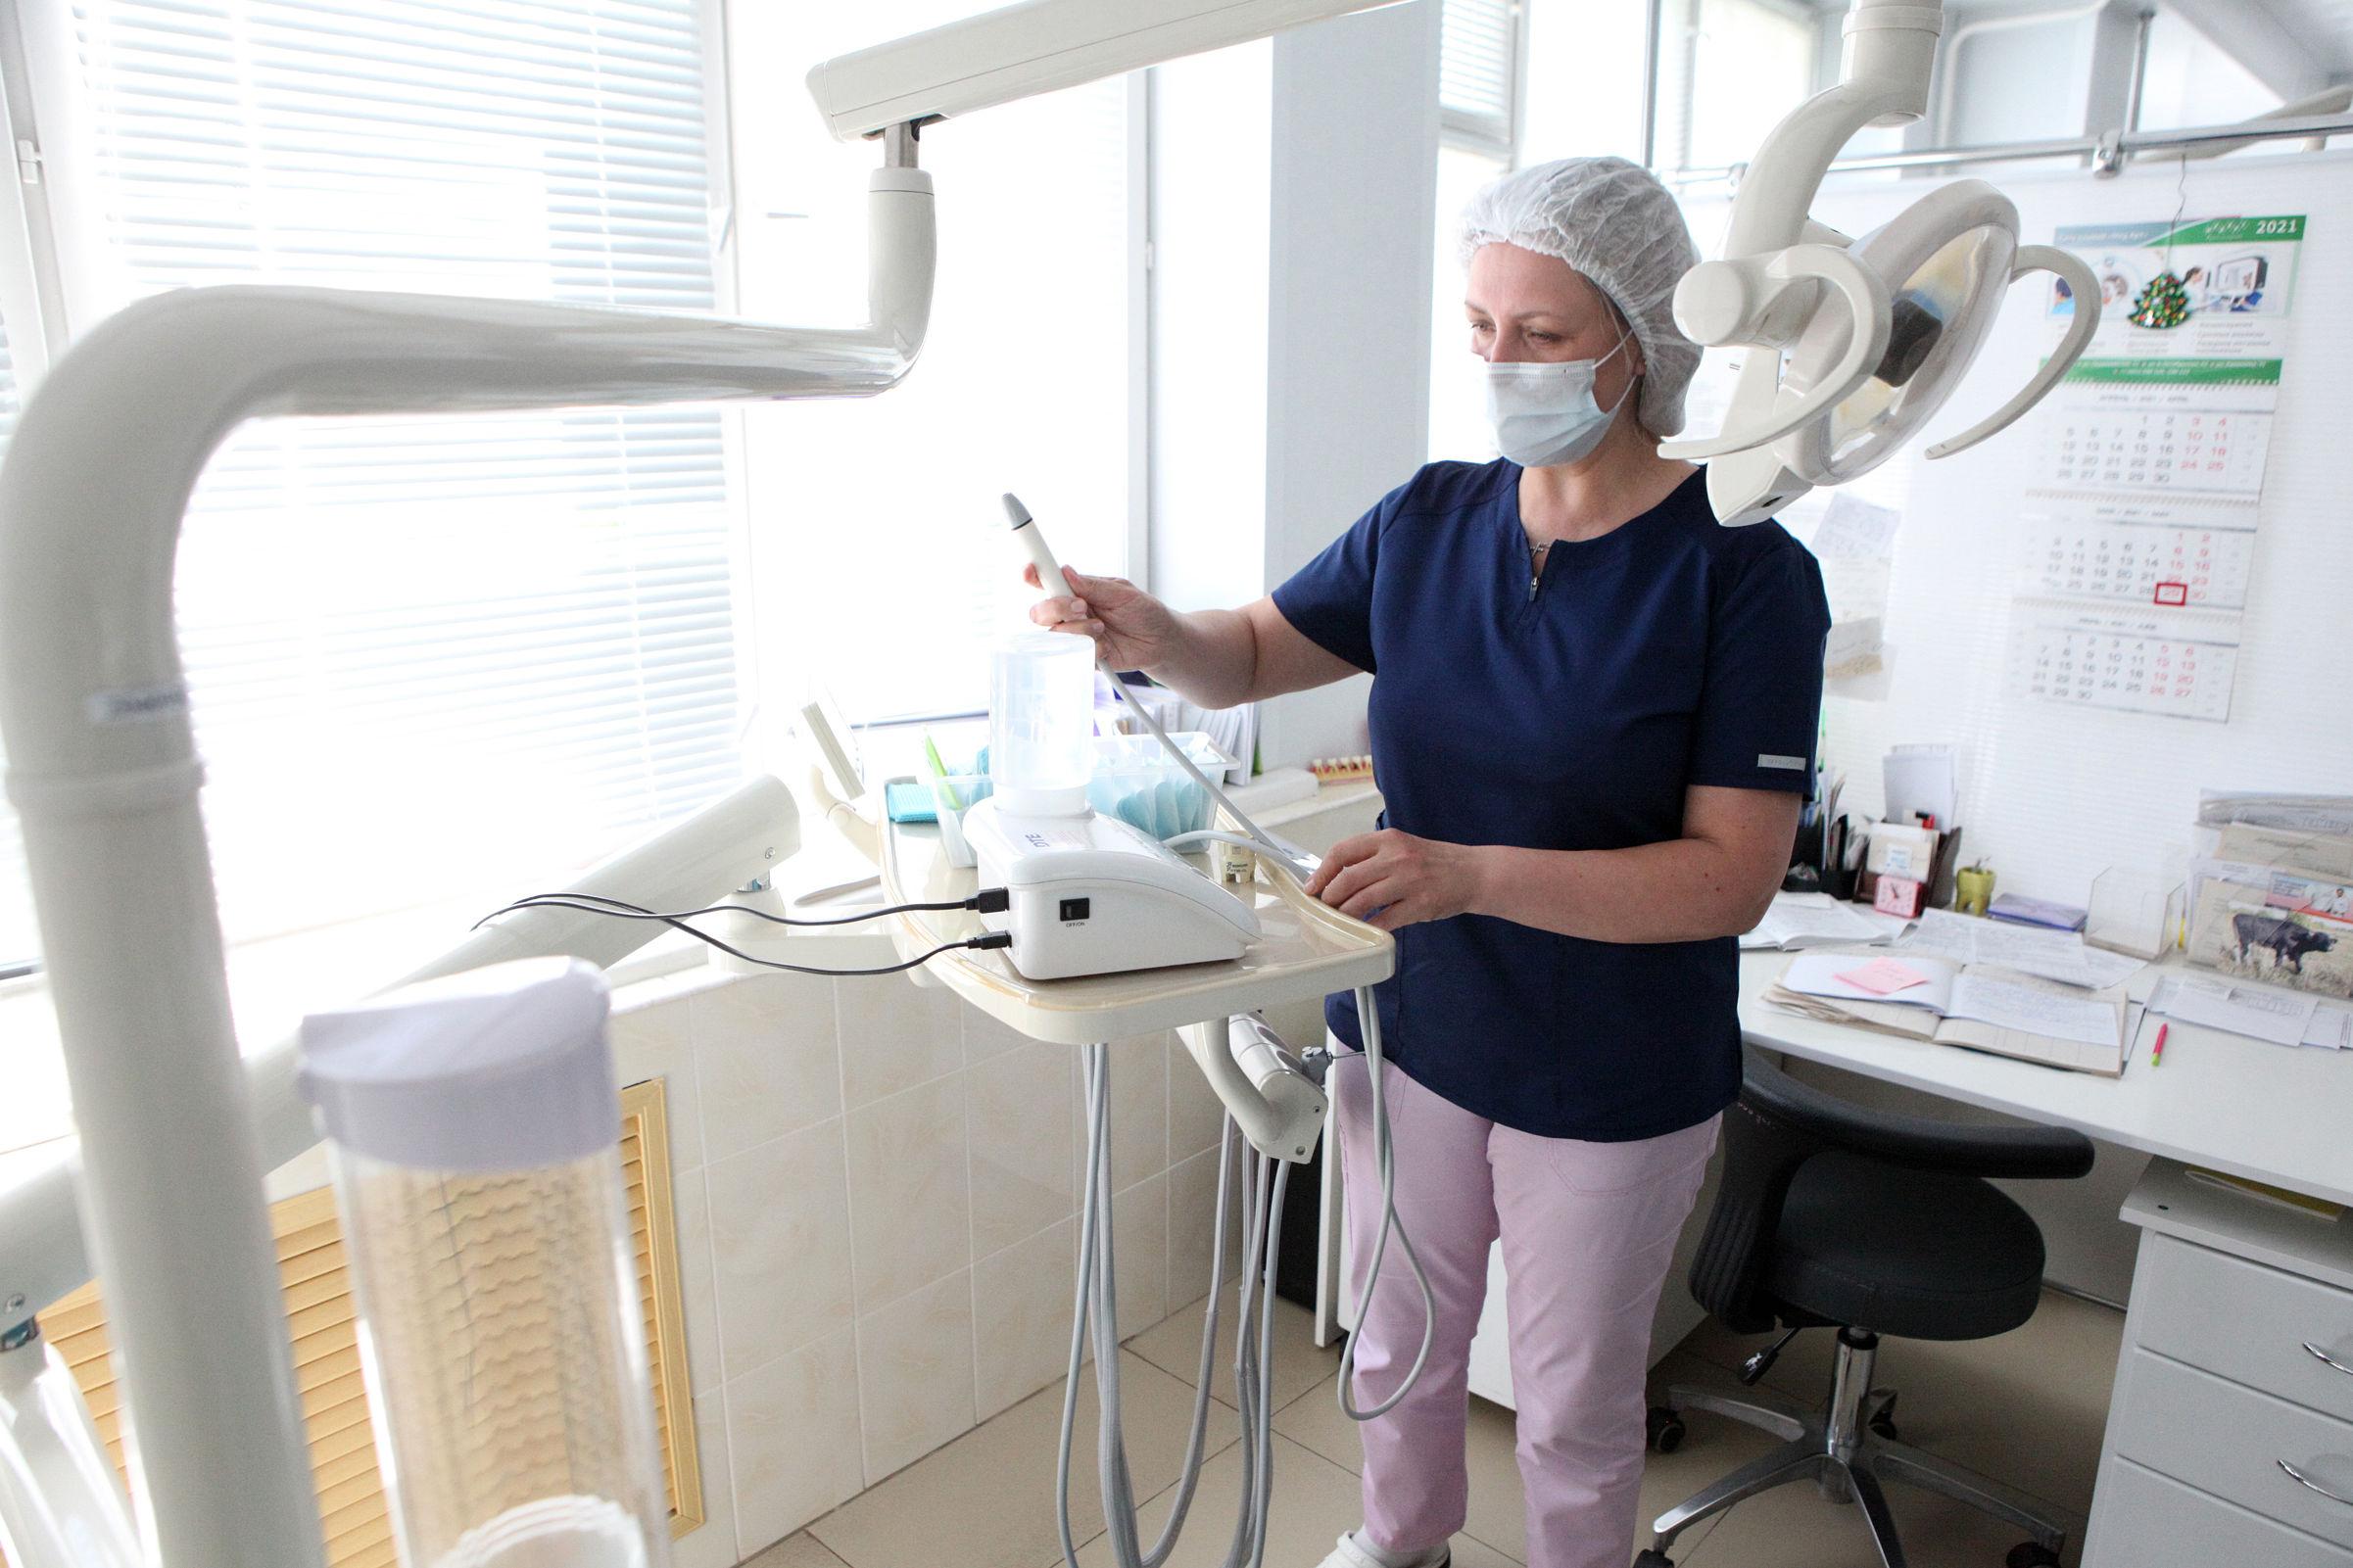 Специалисты областной стоматологической поликлиники будут выезжать в отдаленные районы для обследования жителей